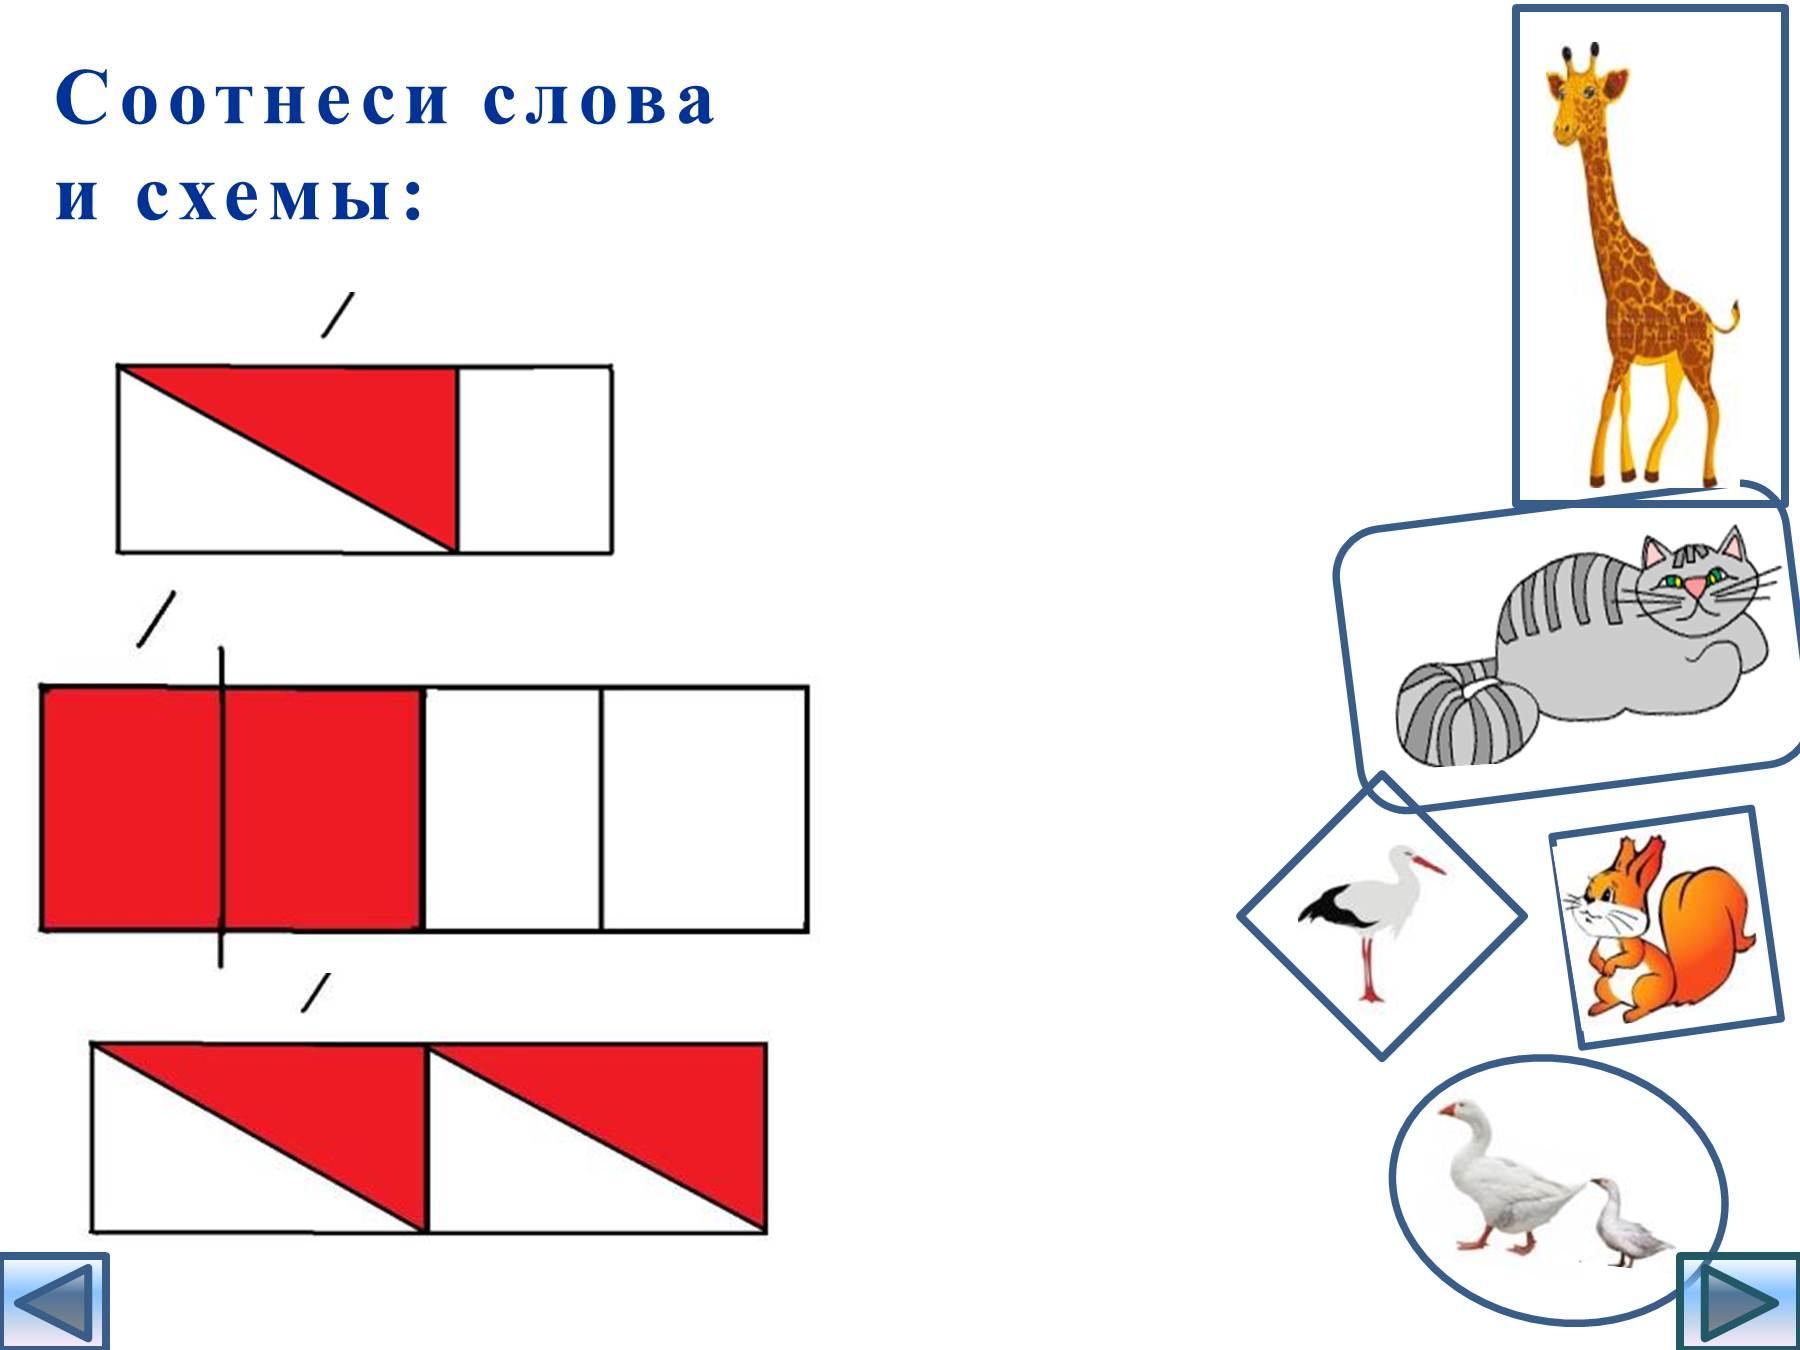 Что означают прямоугольники в схеме предложения